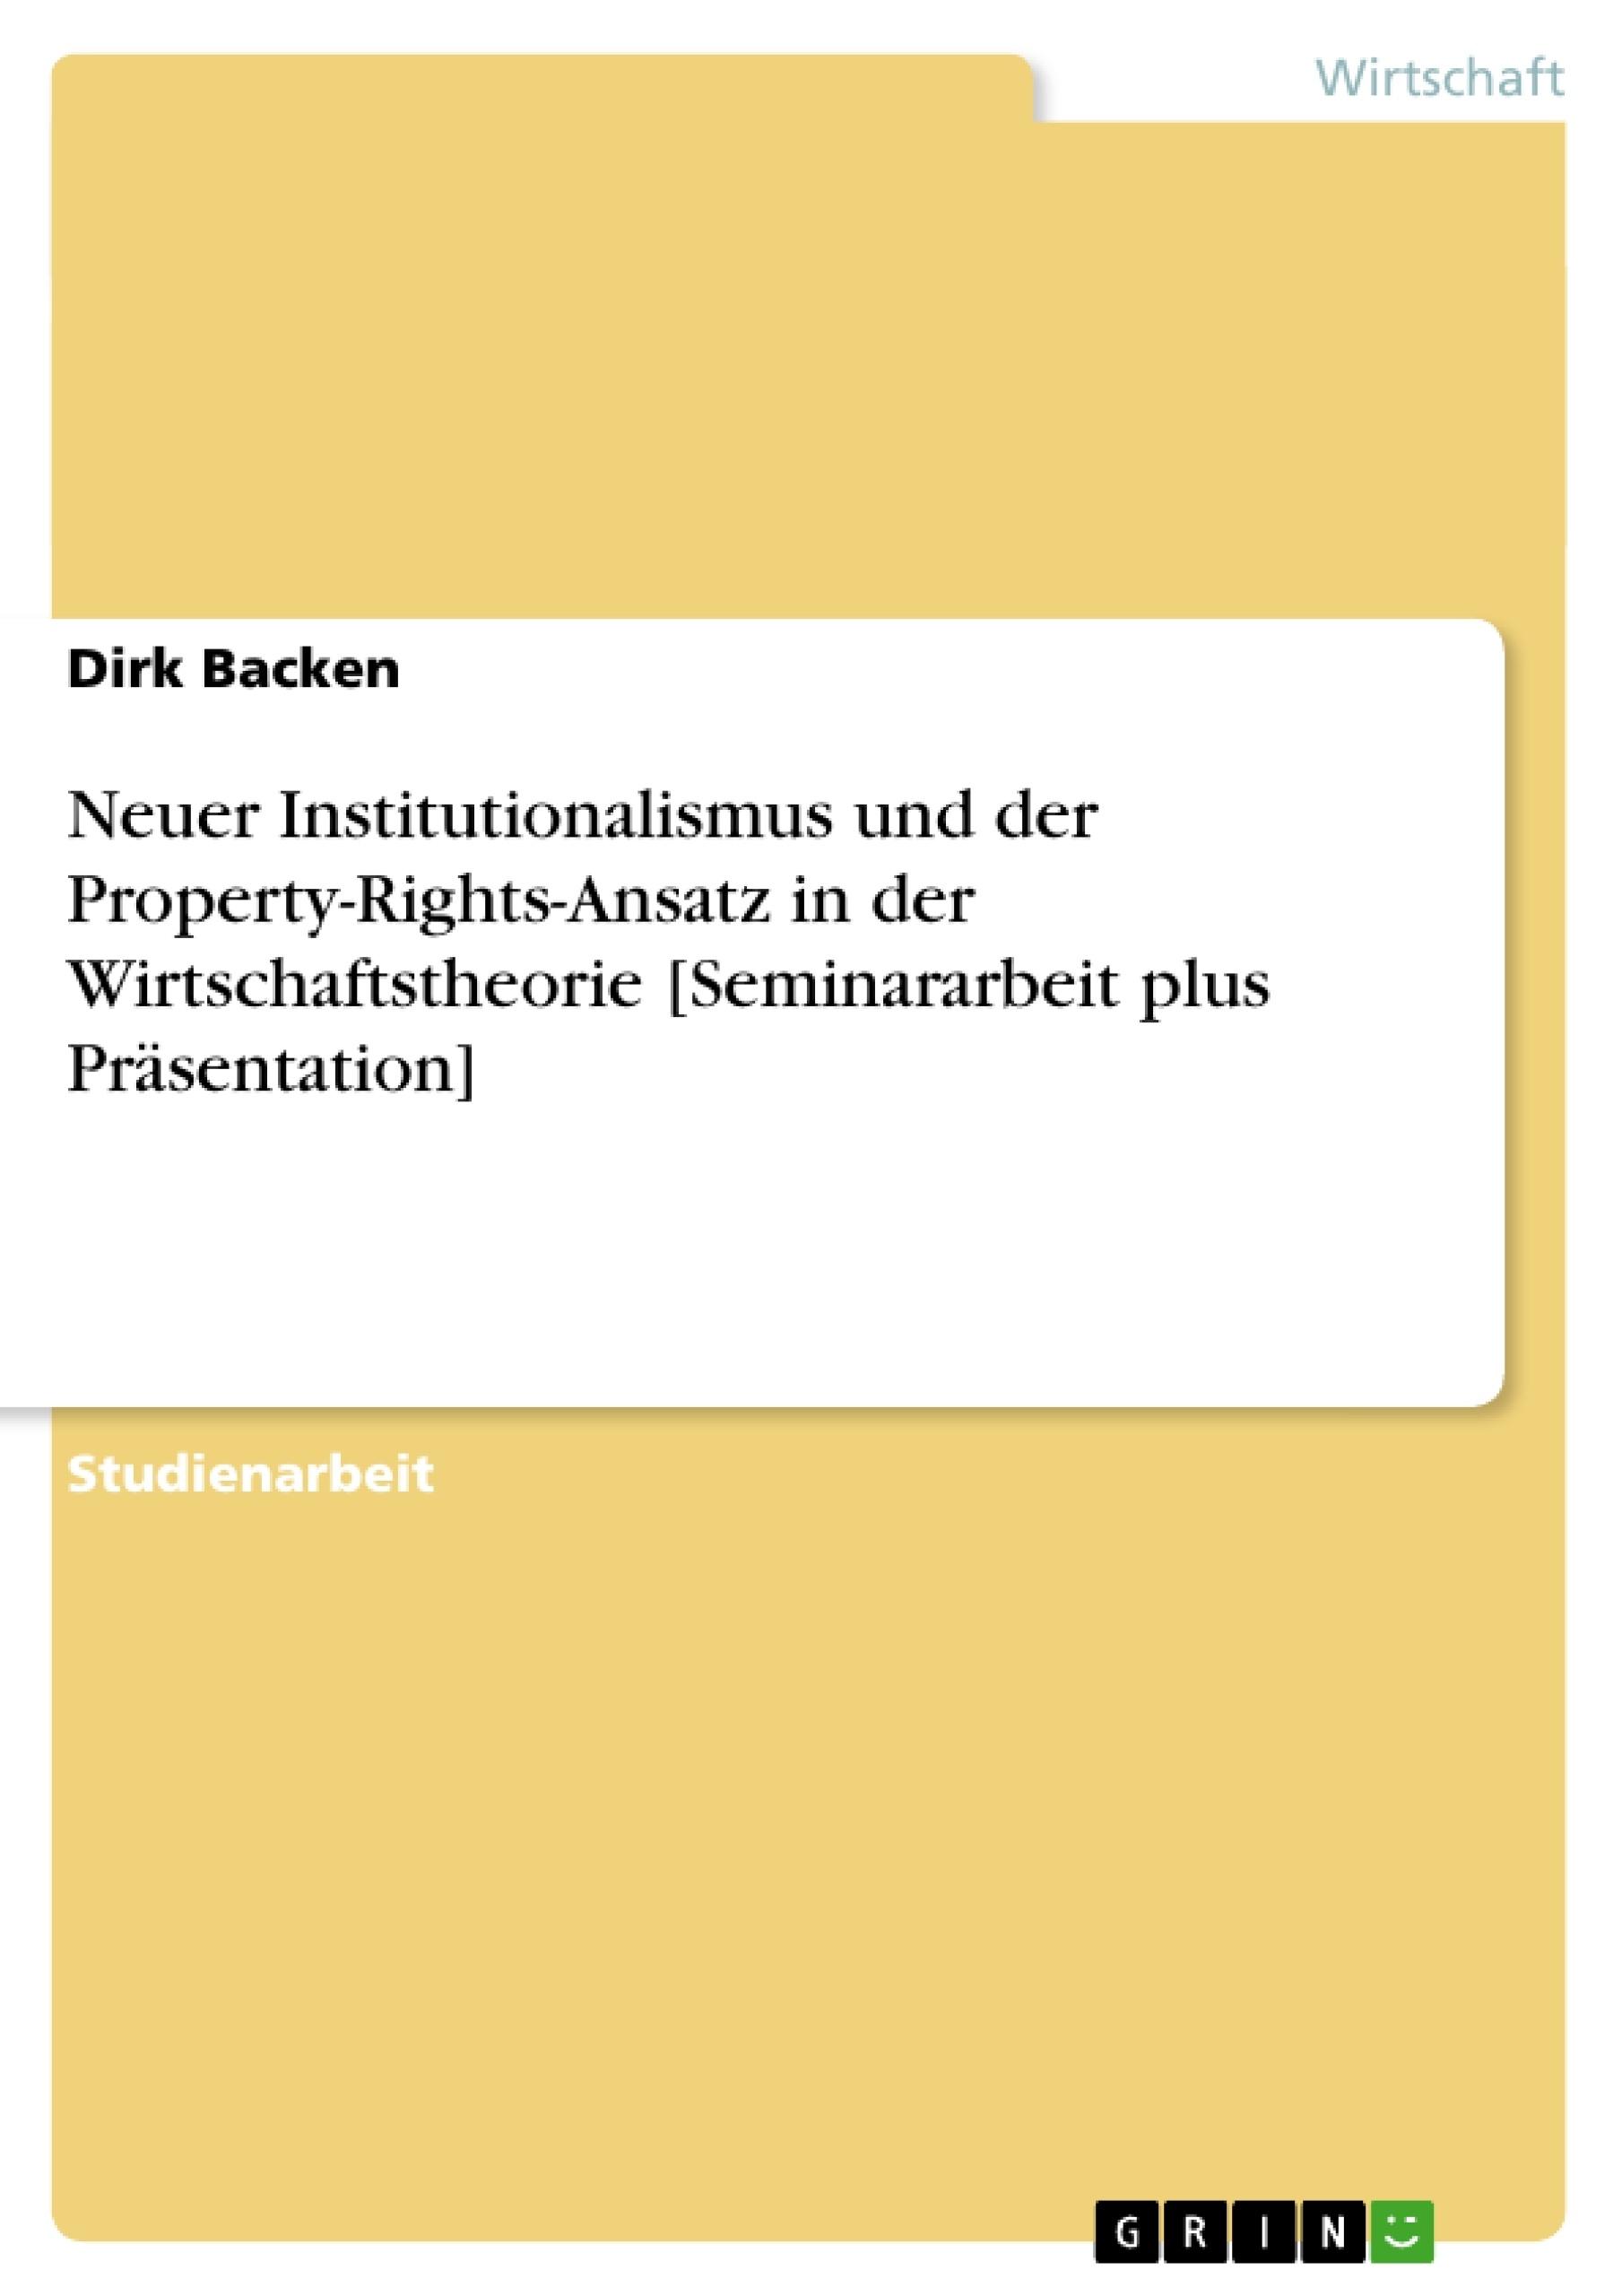 Titel: Neuer Institutionalismus und der Property-Rights-Ansatz in der Wirtschaftstheorie [Seminararbeit plus Präsentation]